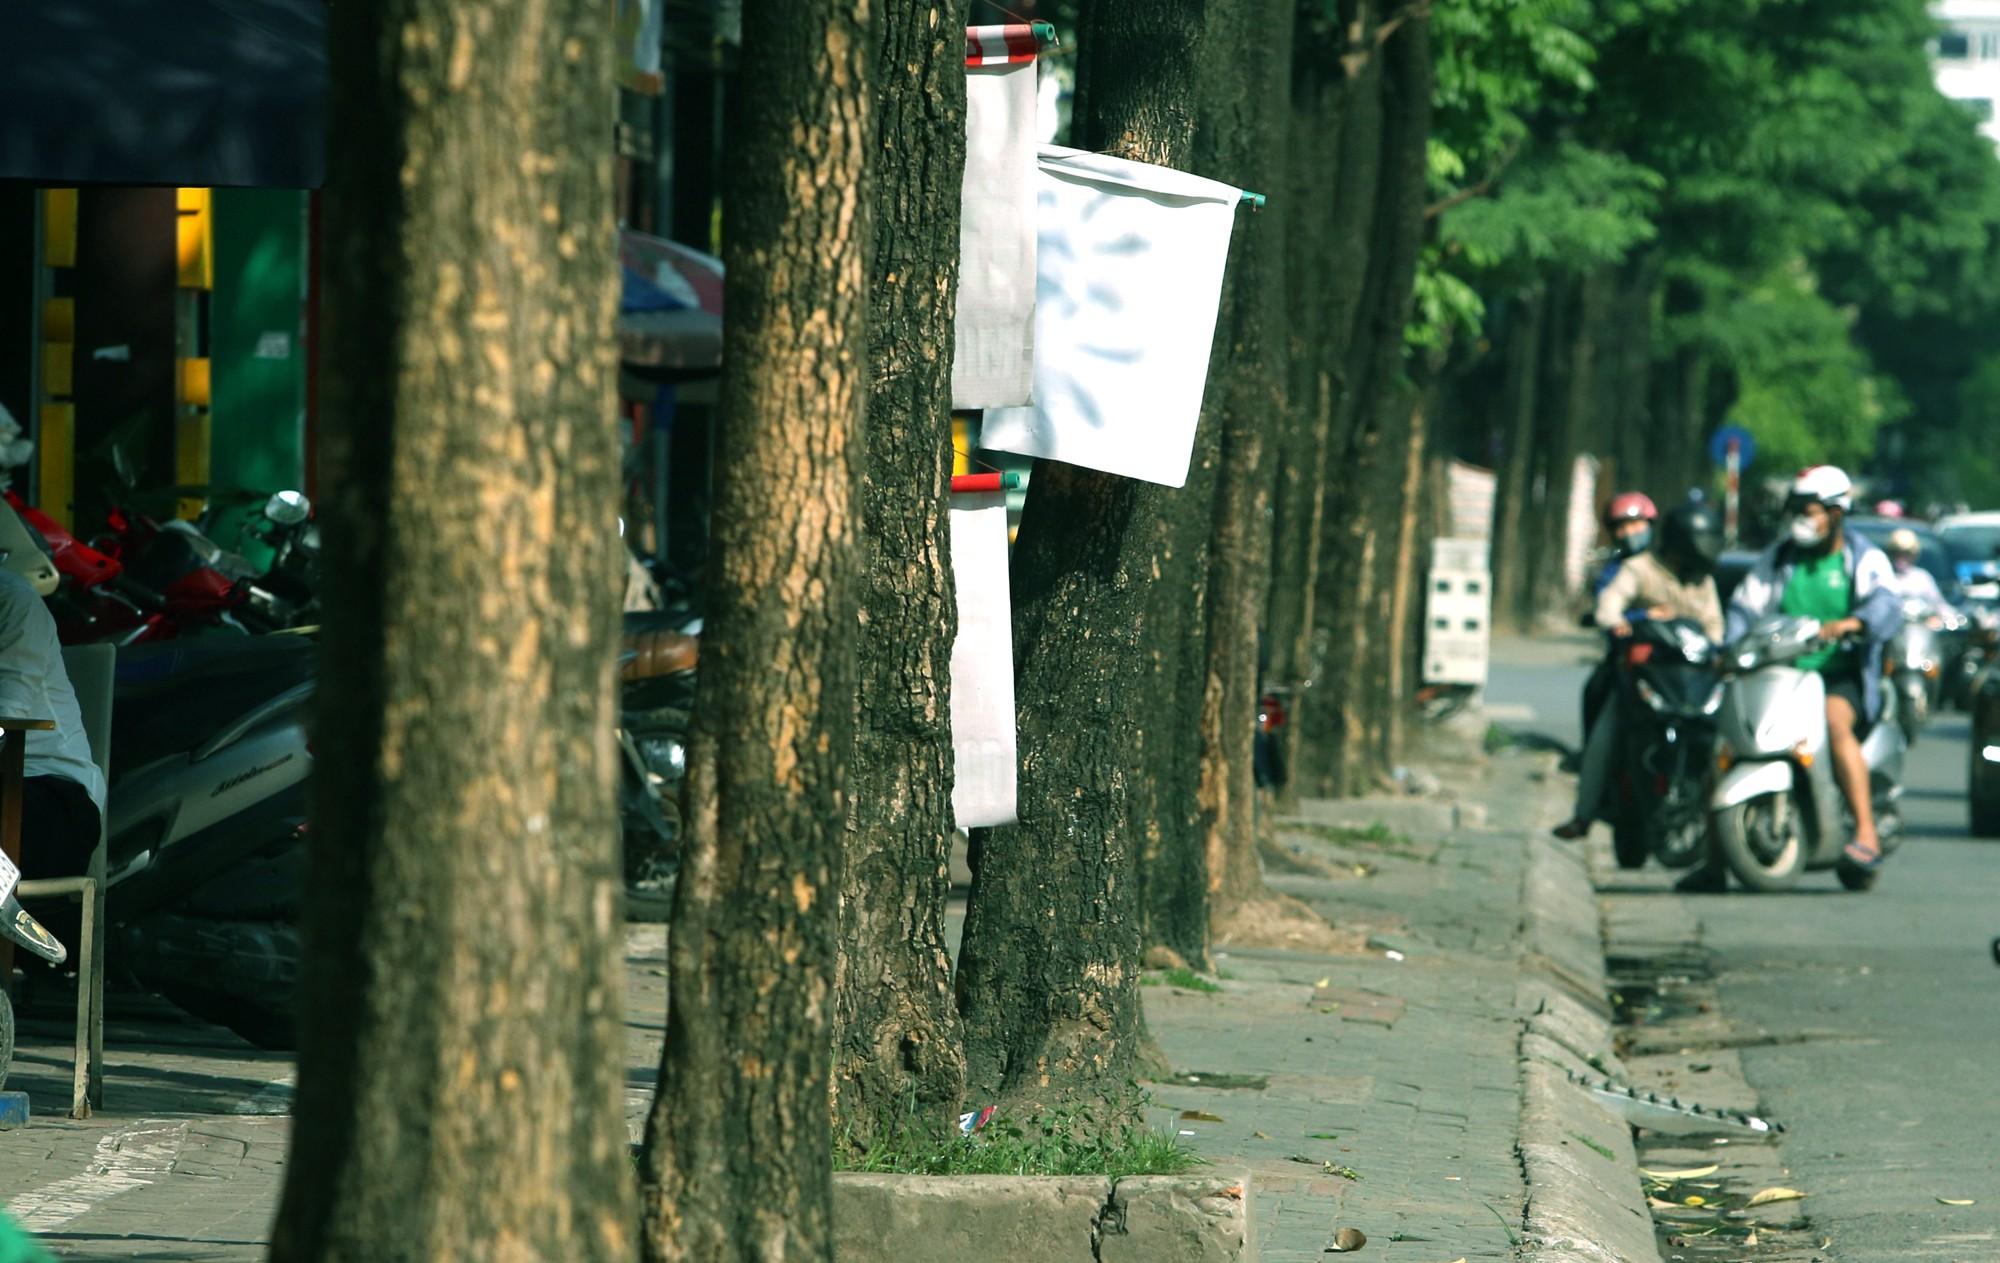 Hà Nội: Đầu hè, hoa sữa bất ngờ nở trên nhiều tuyến phố  - Ảnh 3.